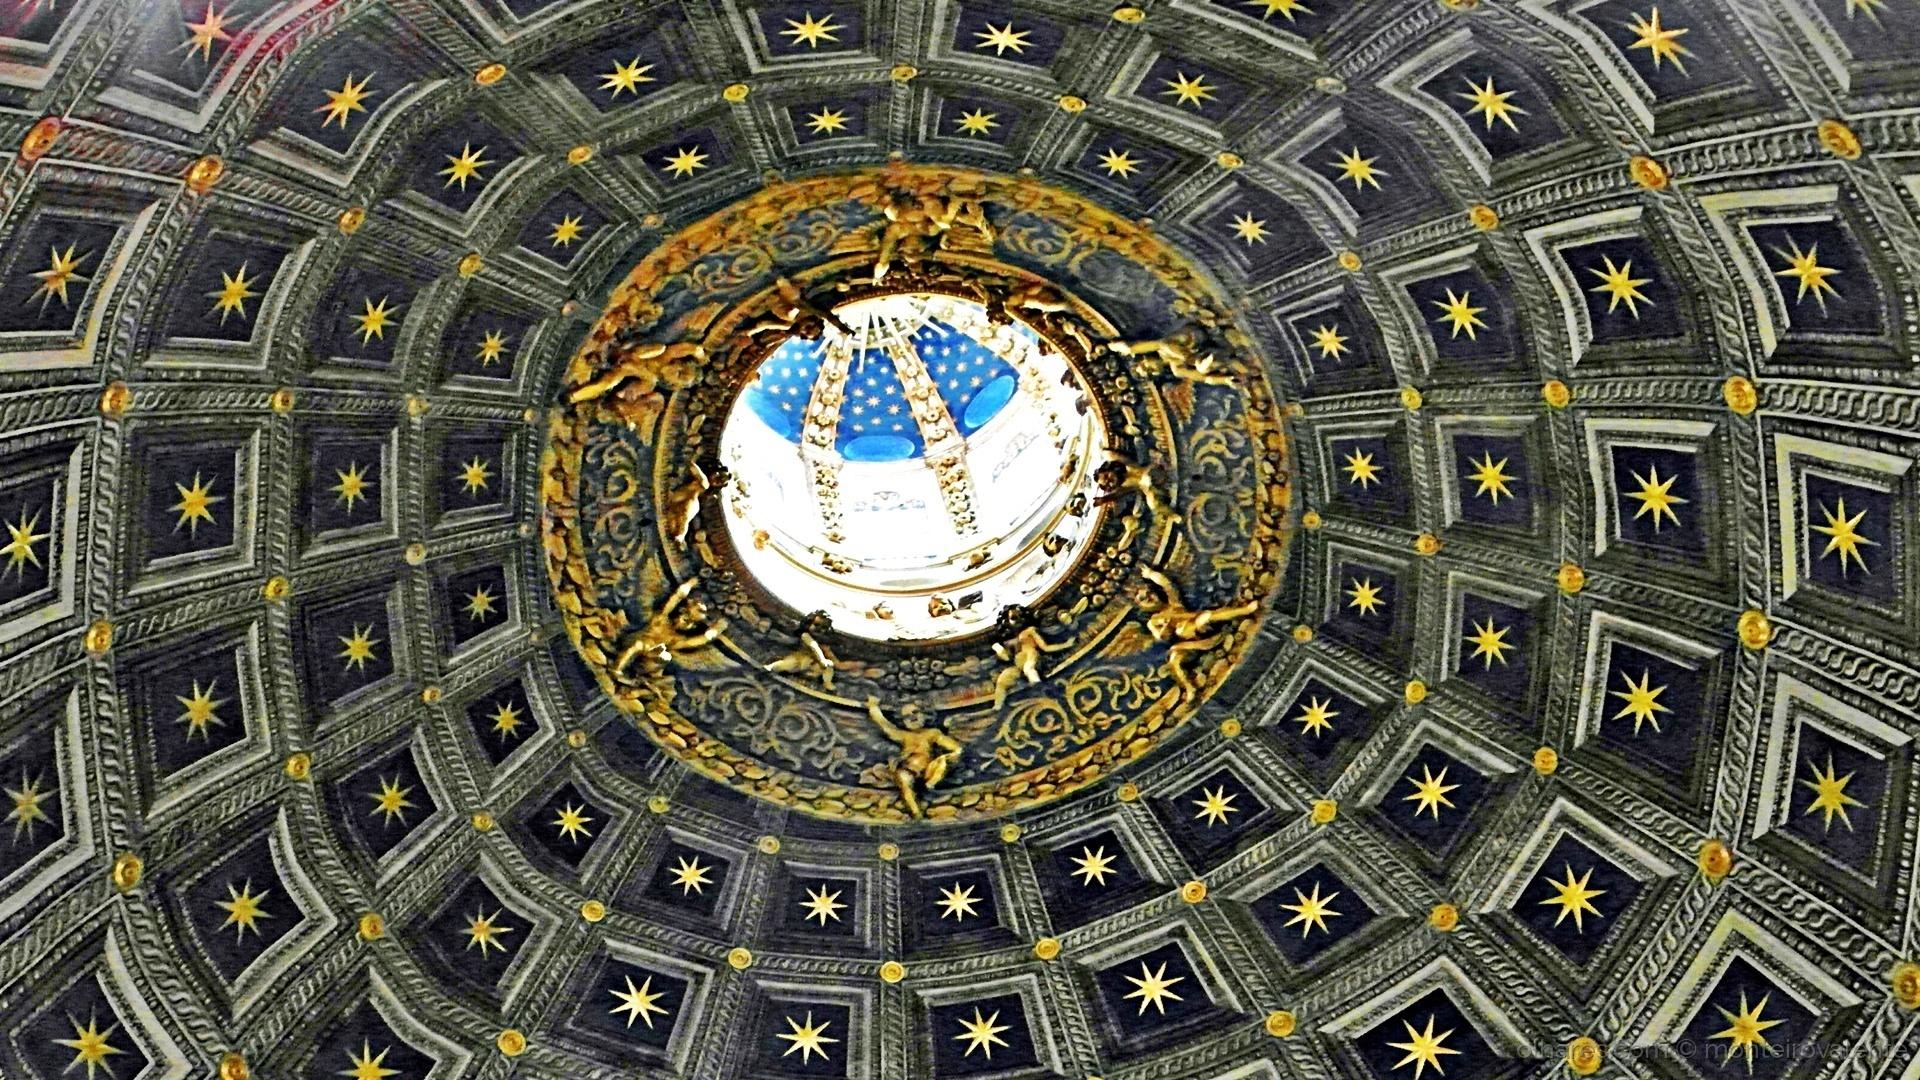 História/Siena - Cúpula da Catedral